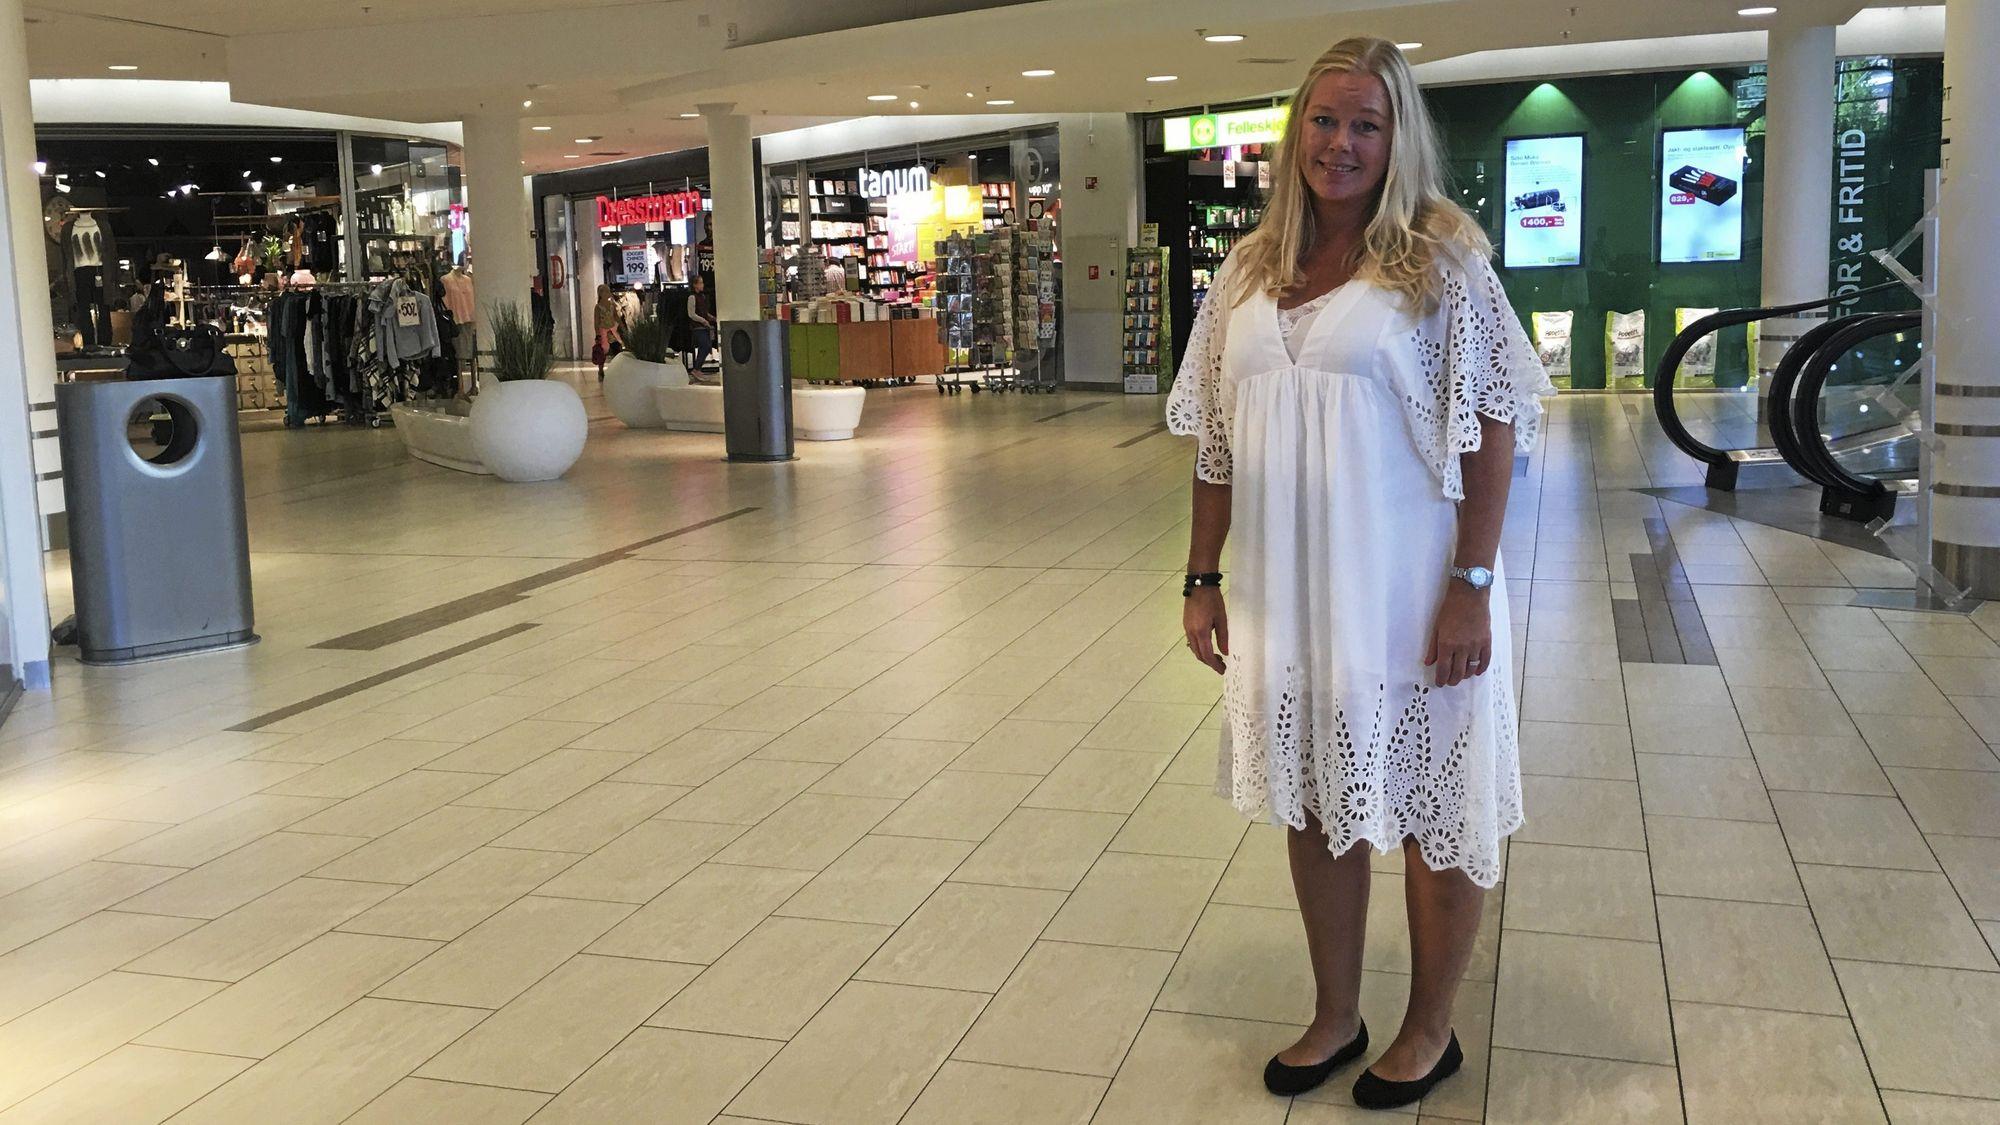 FØRSTE DAG PÅ JOBB: Den nærmeste tiden skal den nye senterlederen bli bedre kjent med både Oppegård-samfunnet, butikkene og senteret hun nå har overtatt lederansvaret for.